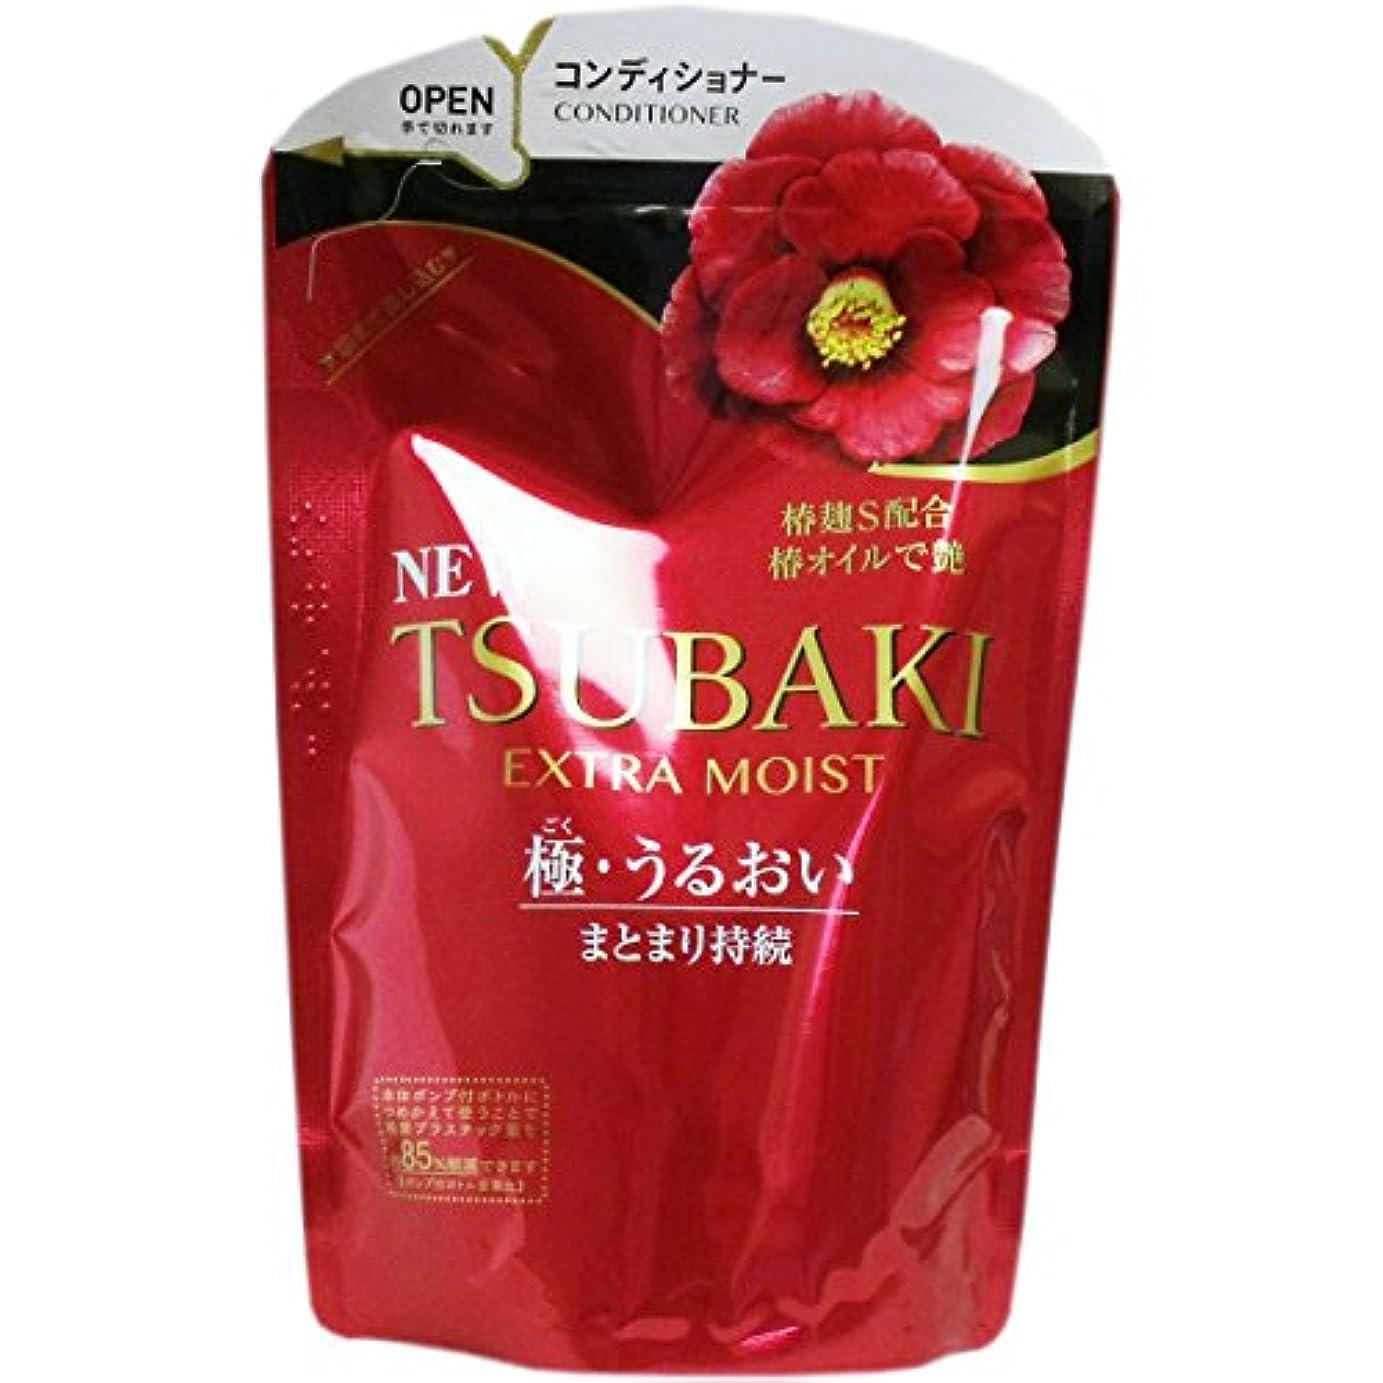 <お得な2個パック>TSUBAKI エクストラモイスト コンディショナー つめかえ用 345ml入り×2個